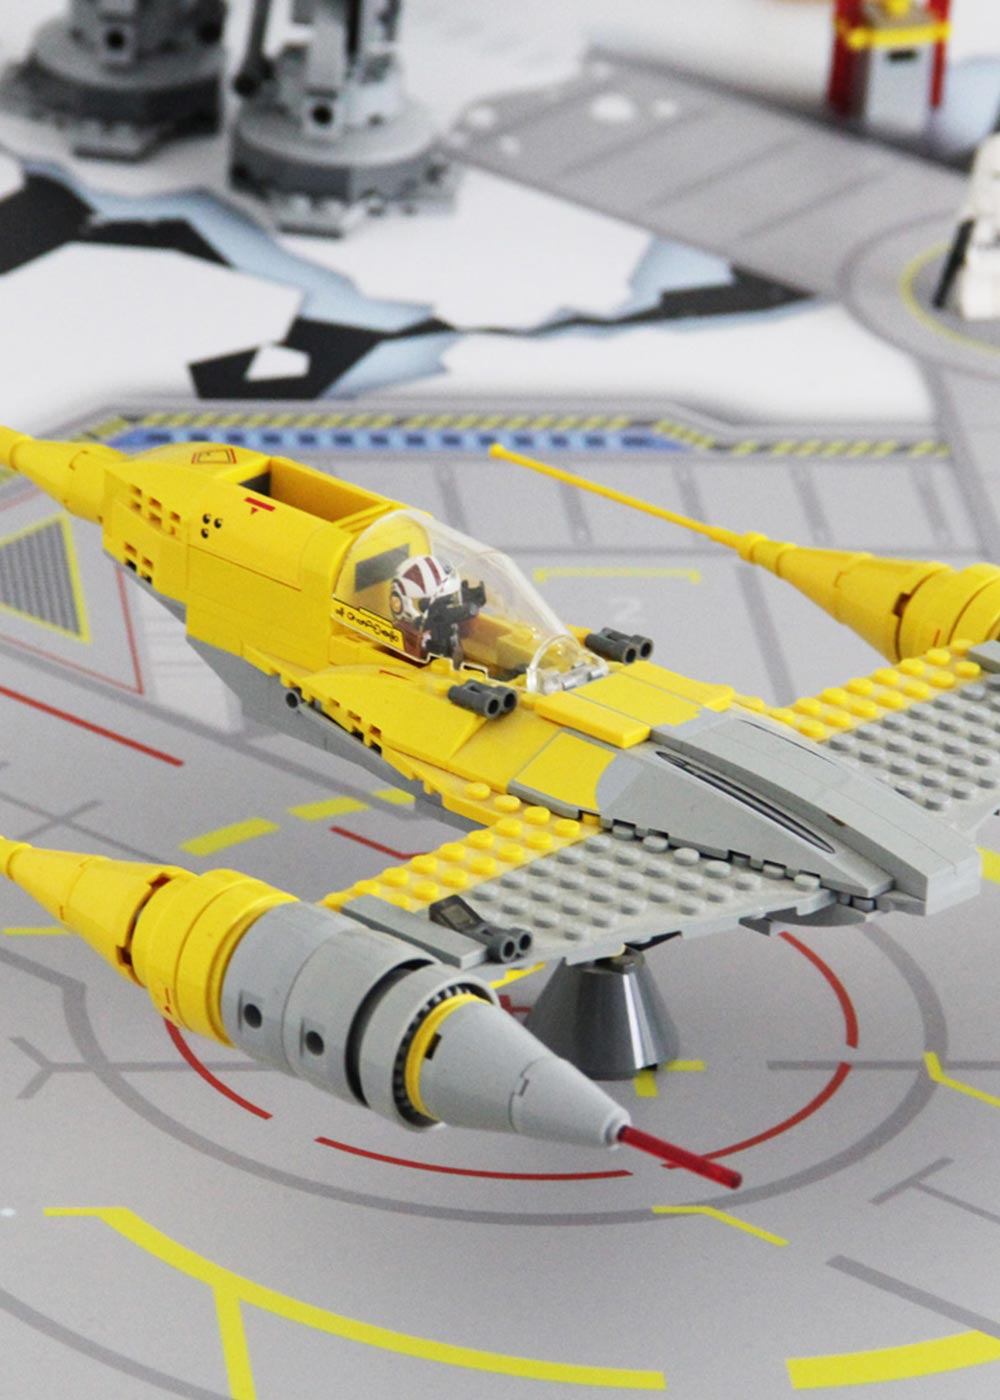 Ikea Kritter Kindertisch Weltraum Teilansicht mit Raumschiff